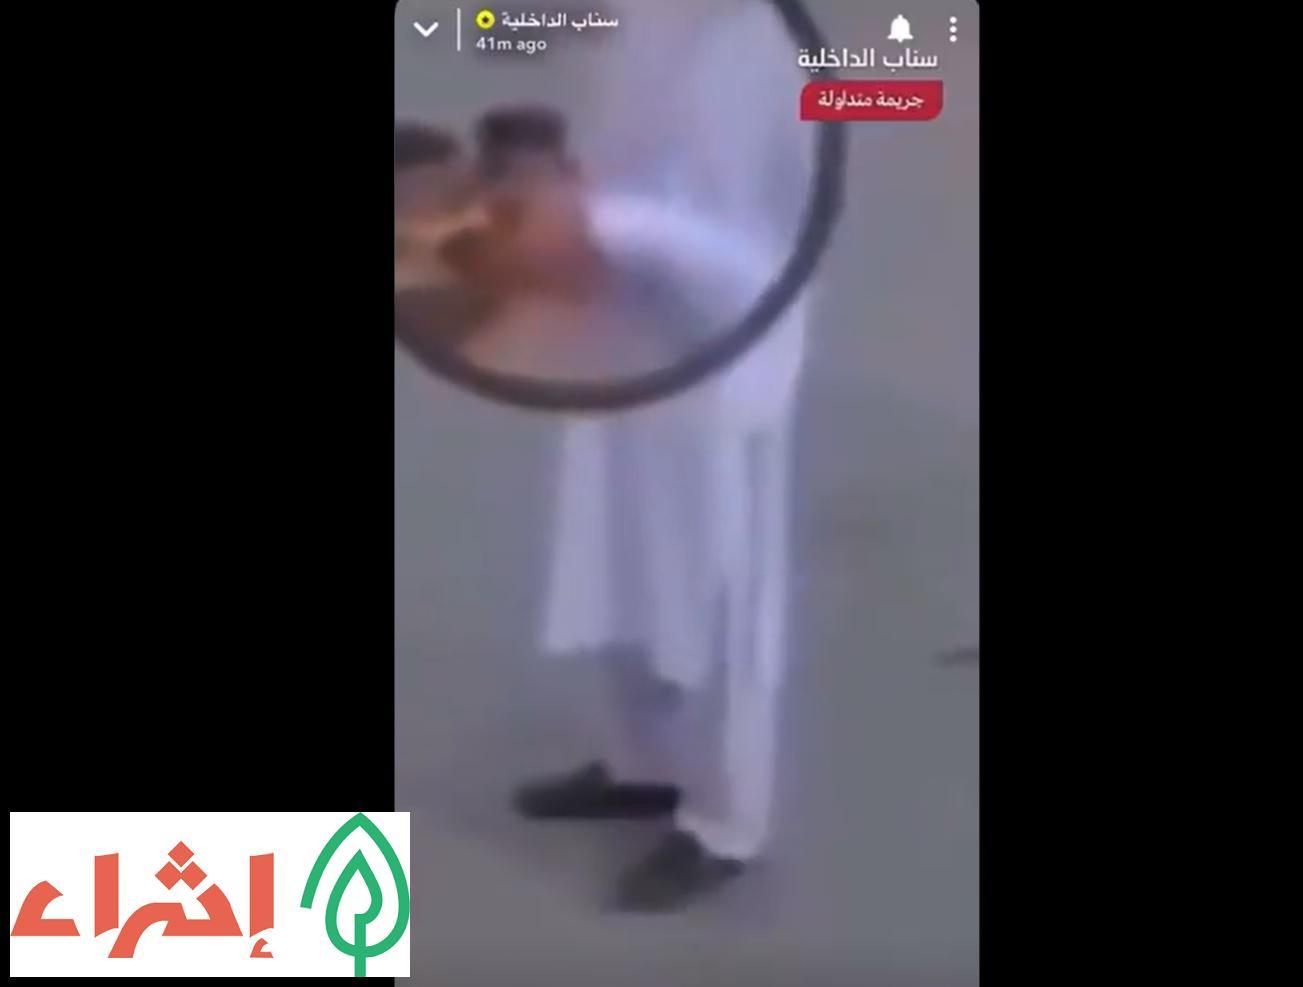 لن تصدق .. هذا ما يفعله عامل توصيل في السعودية بوجبات الأكل قبل توصيلها .. مشاهد صادمة !